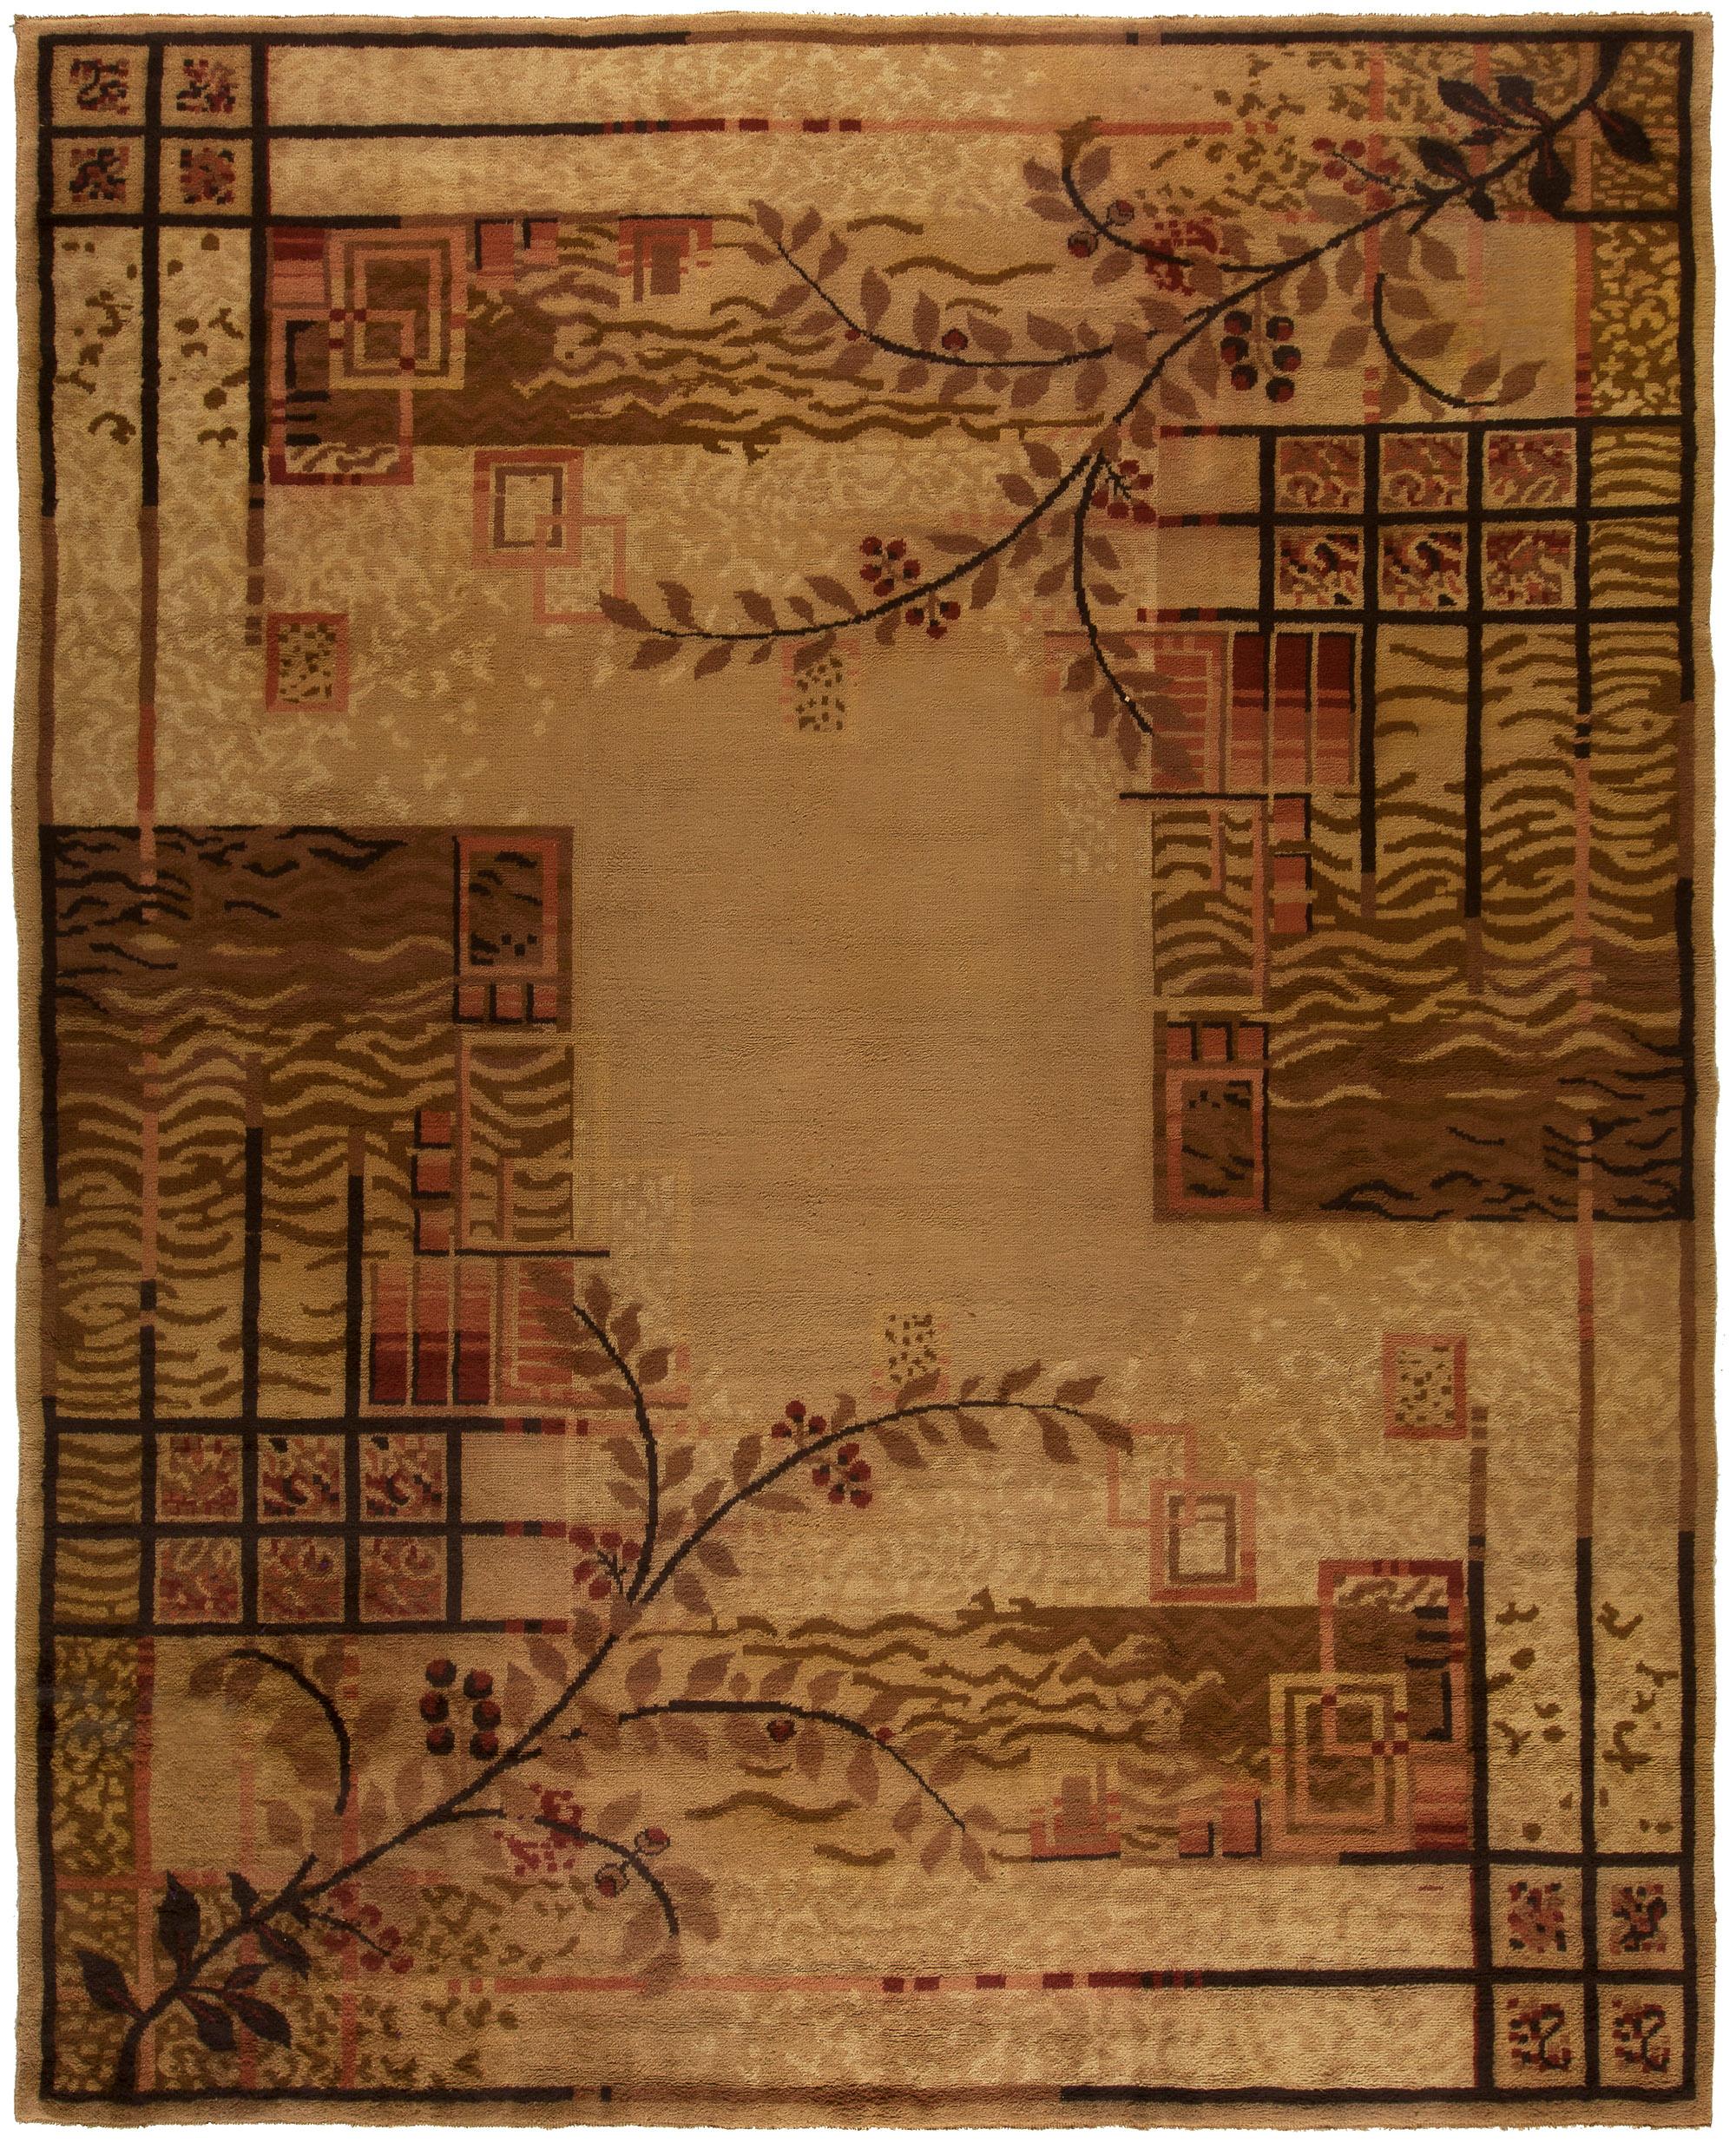 european art deco rugs carpets for sale antique vintage rug nyc. Black Bedroom Furniture Sets. Home Design Ideas